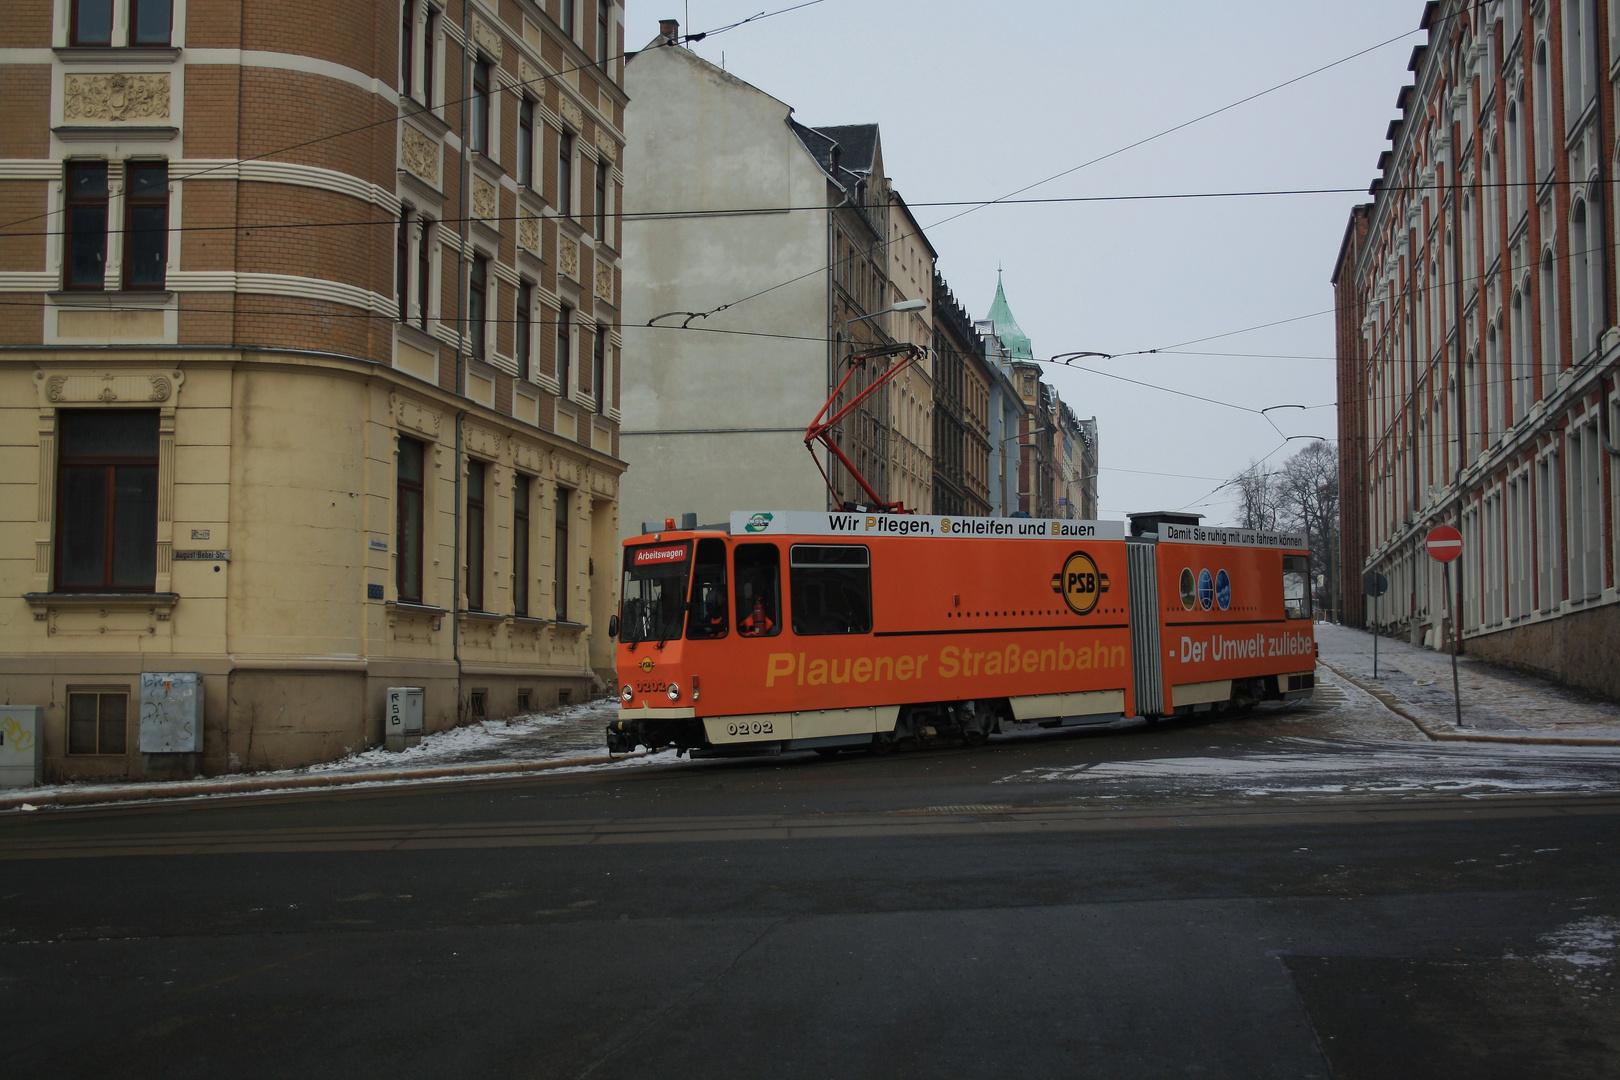 Plauener Straßenbahn - Der Umwelt zuliebe .